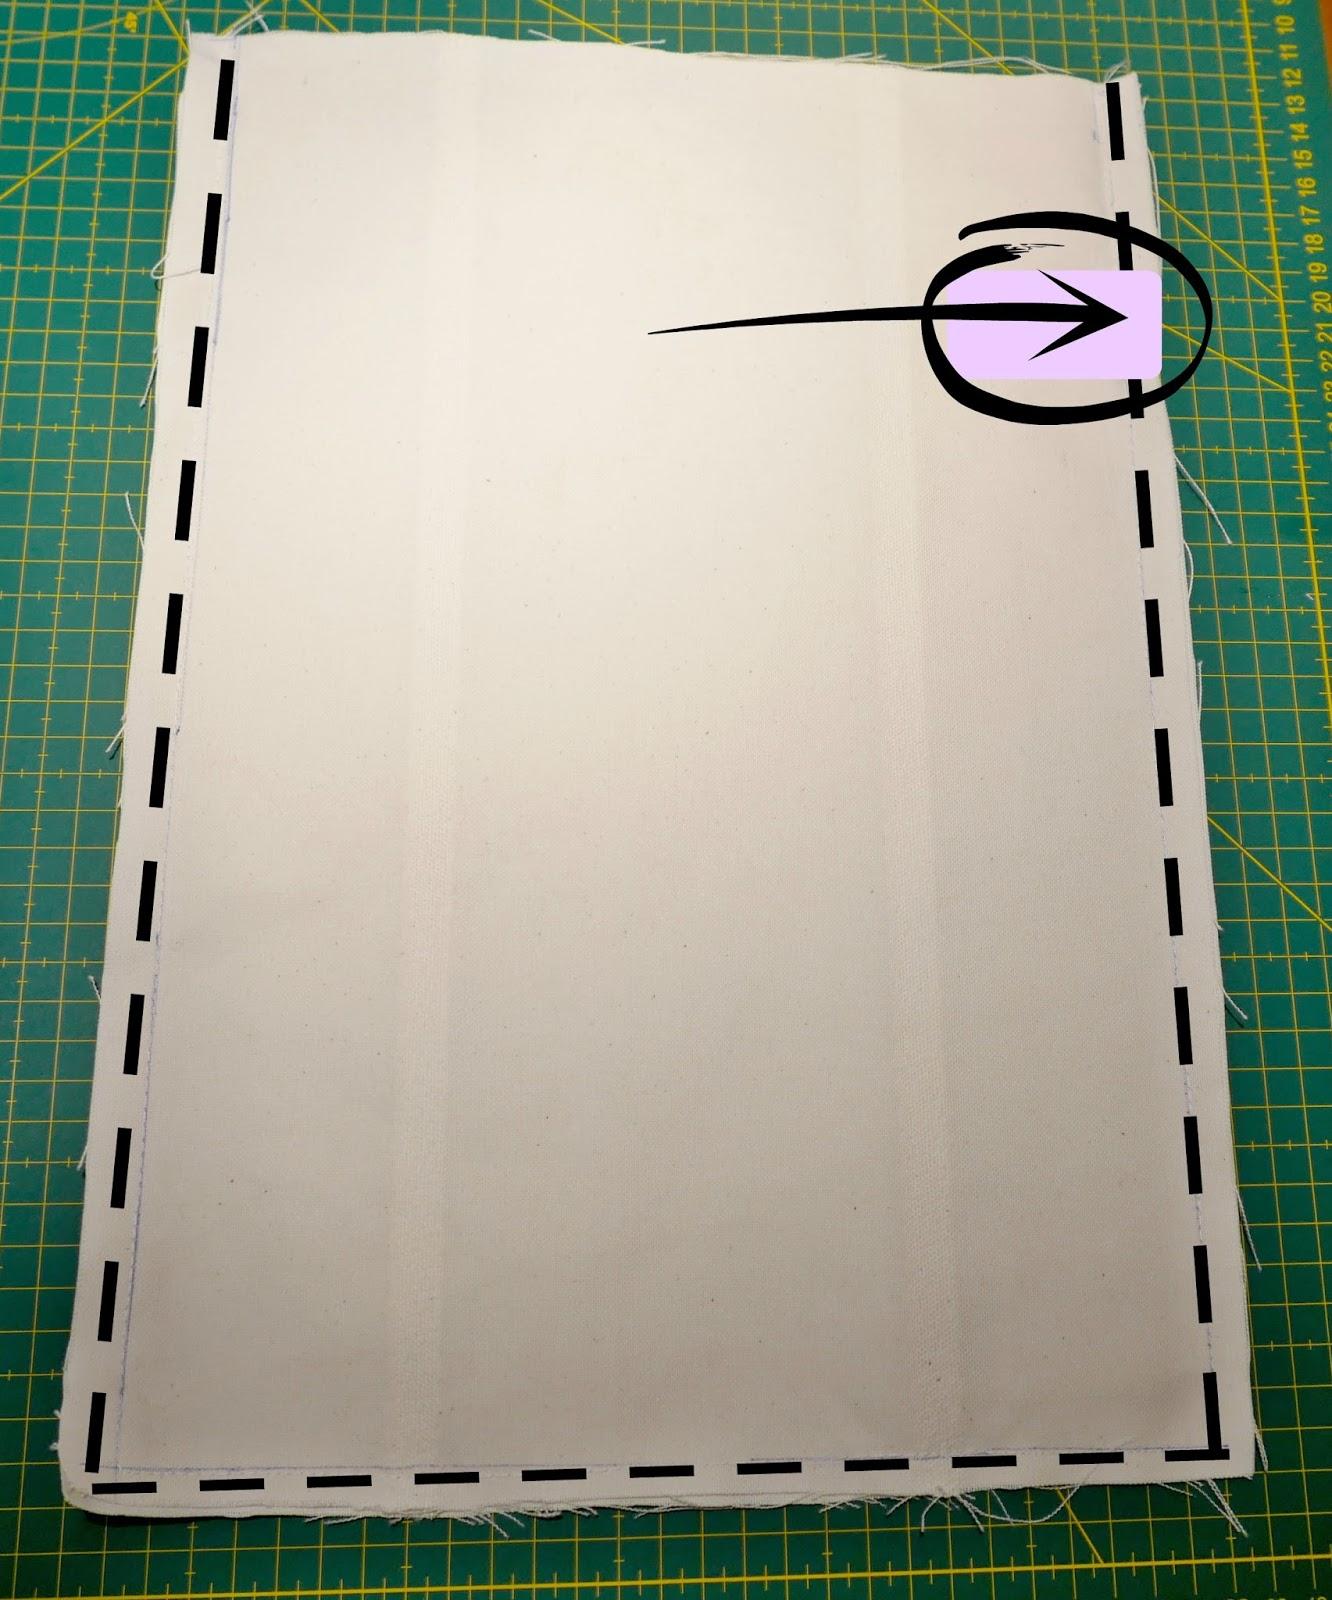 Curso de costura gratis: Cómo hacer una bolsa de tela ~ Colours for Baby